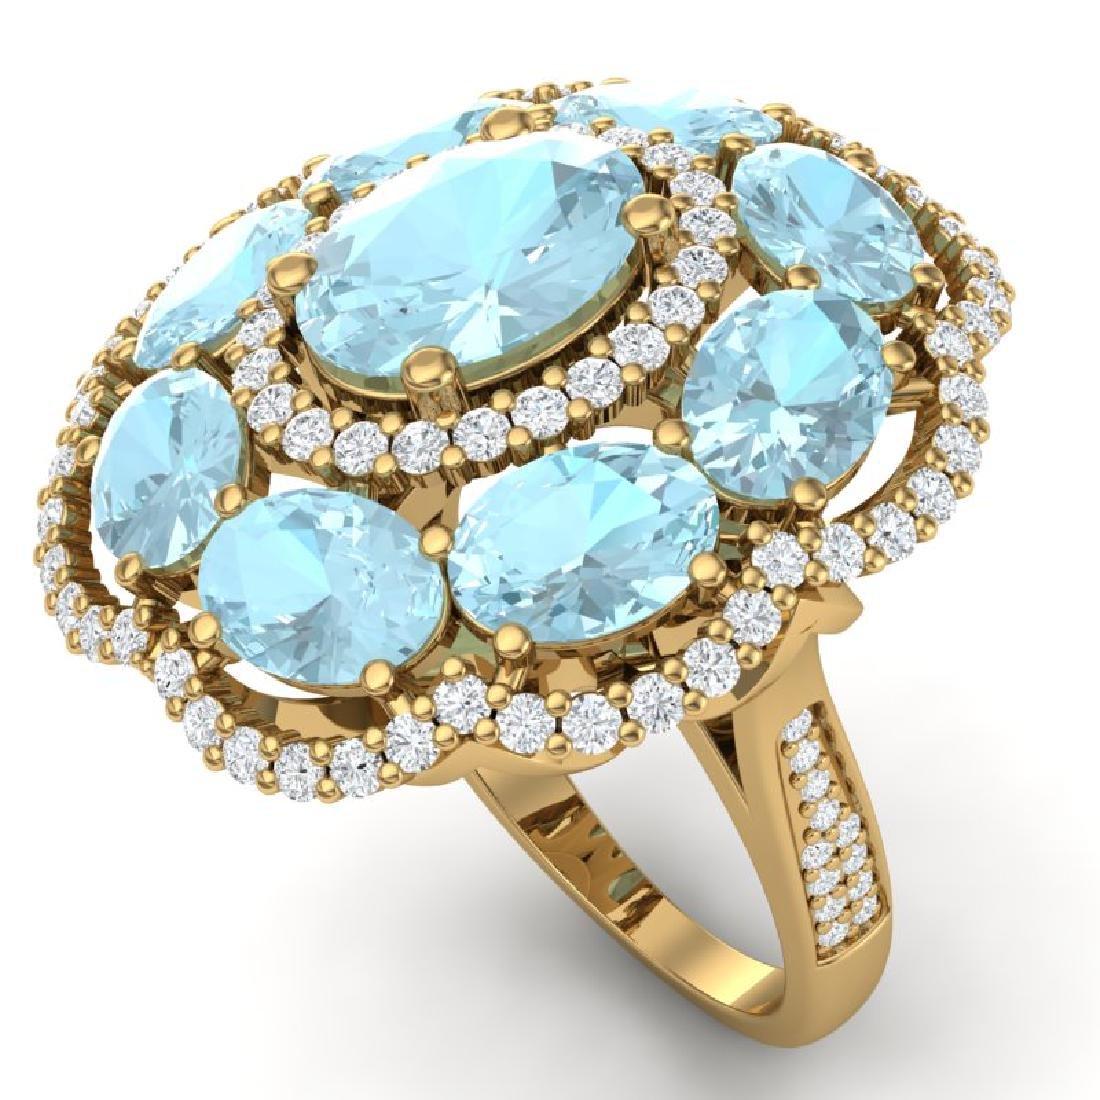 14.89 CTW Royalty Sky Topaz & VS Diamond Ring 18K